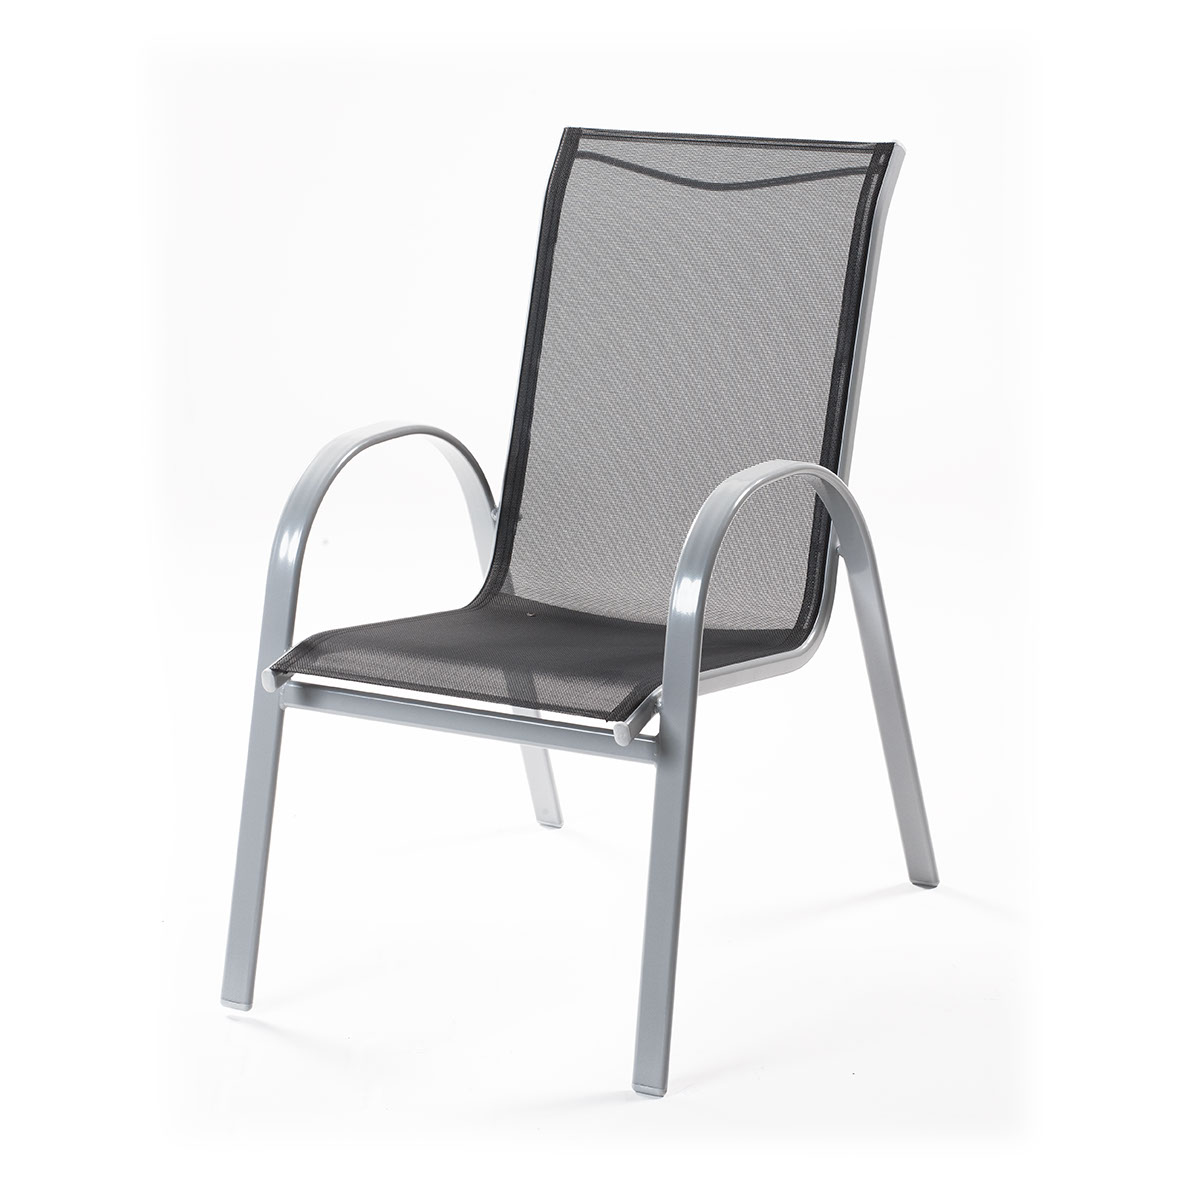 hliníková stohovatelná židle 74 x 56 x 94 cm Creador Vera Basic